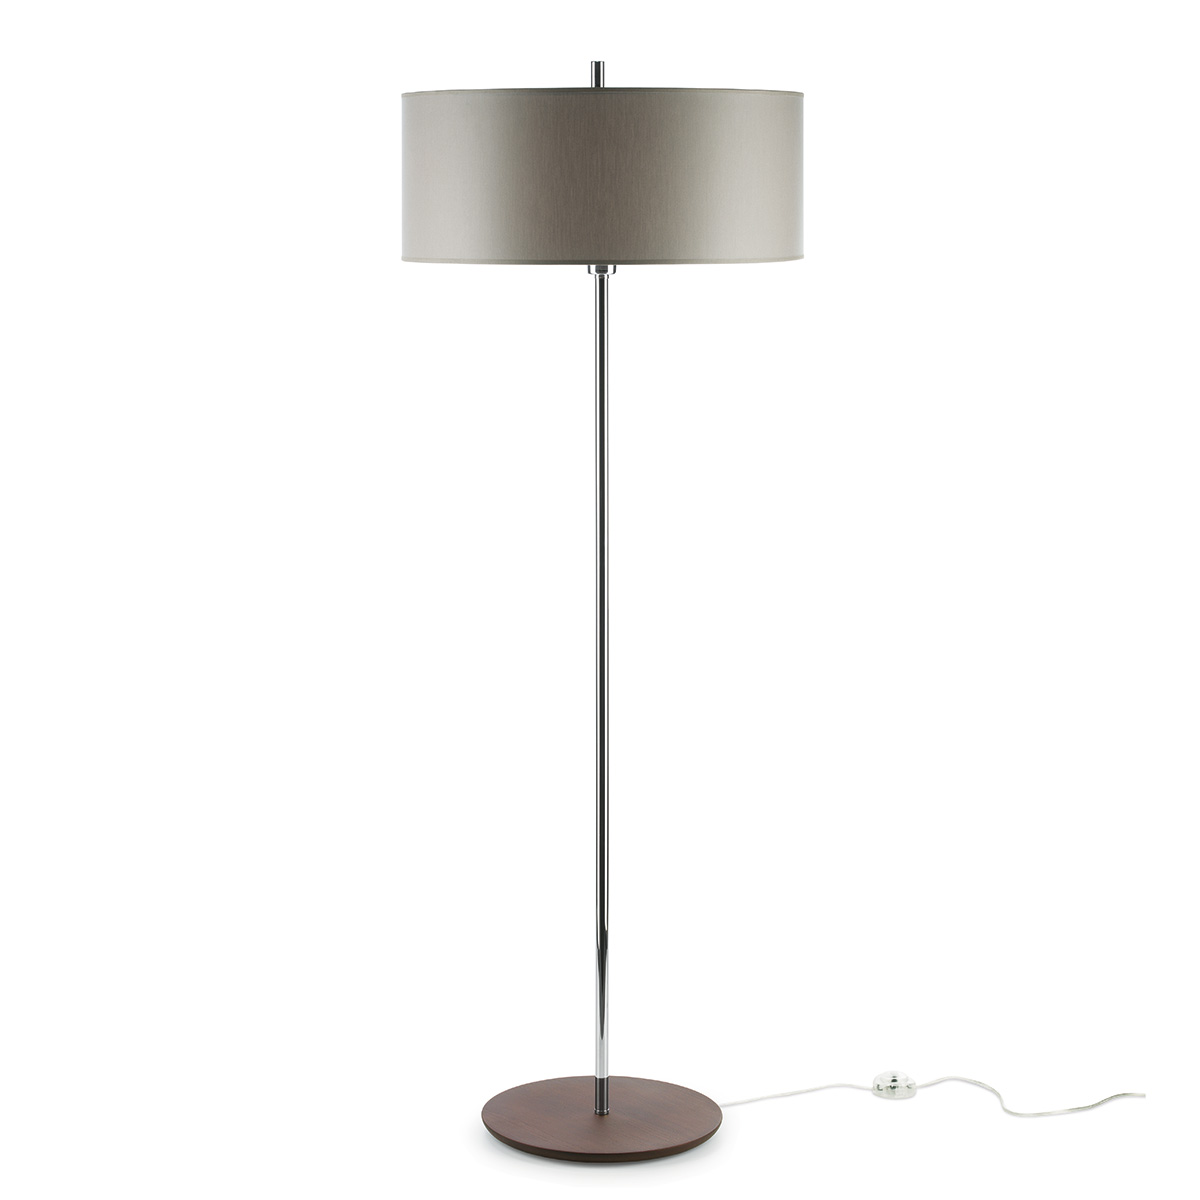 Φωτιστικό δαπέδου OVNI floor lamp